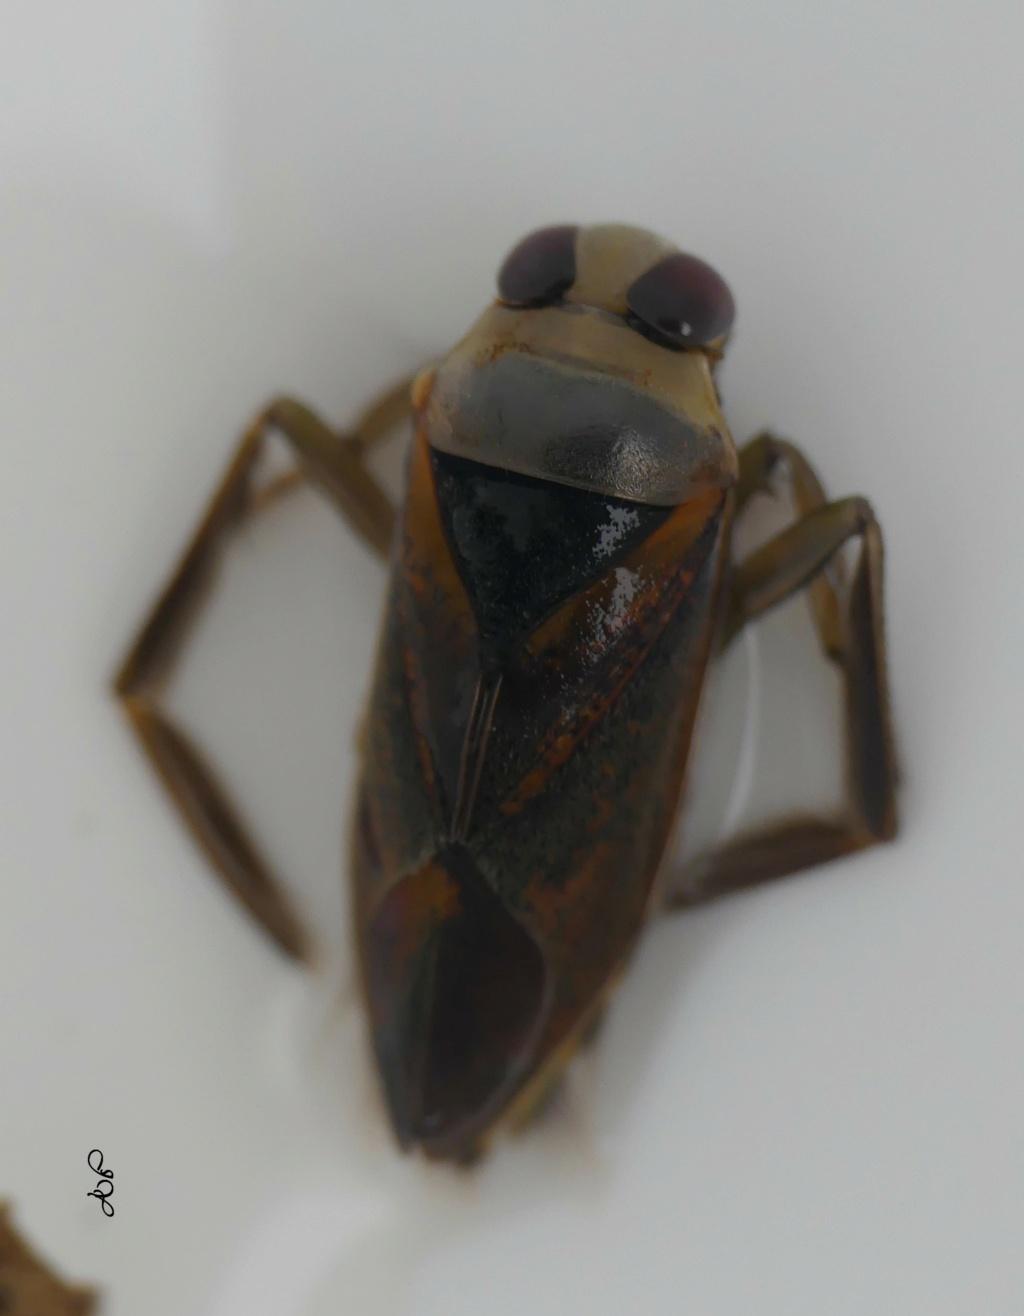 [Notonecta sp.] Notonectes.  Notone12